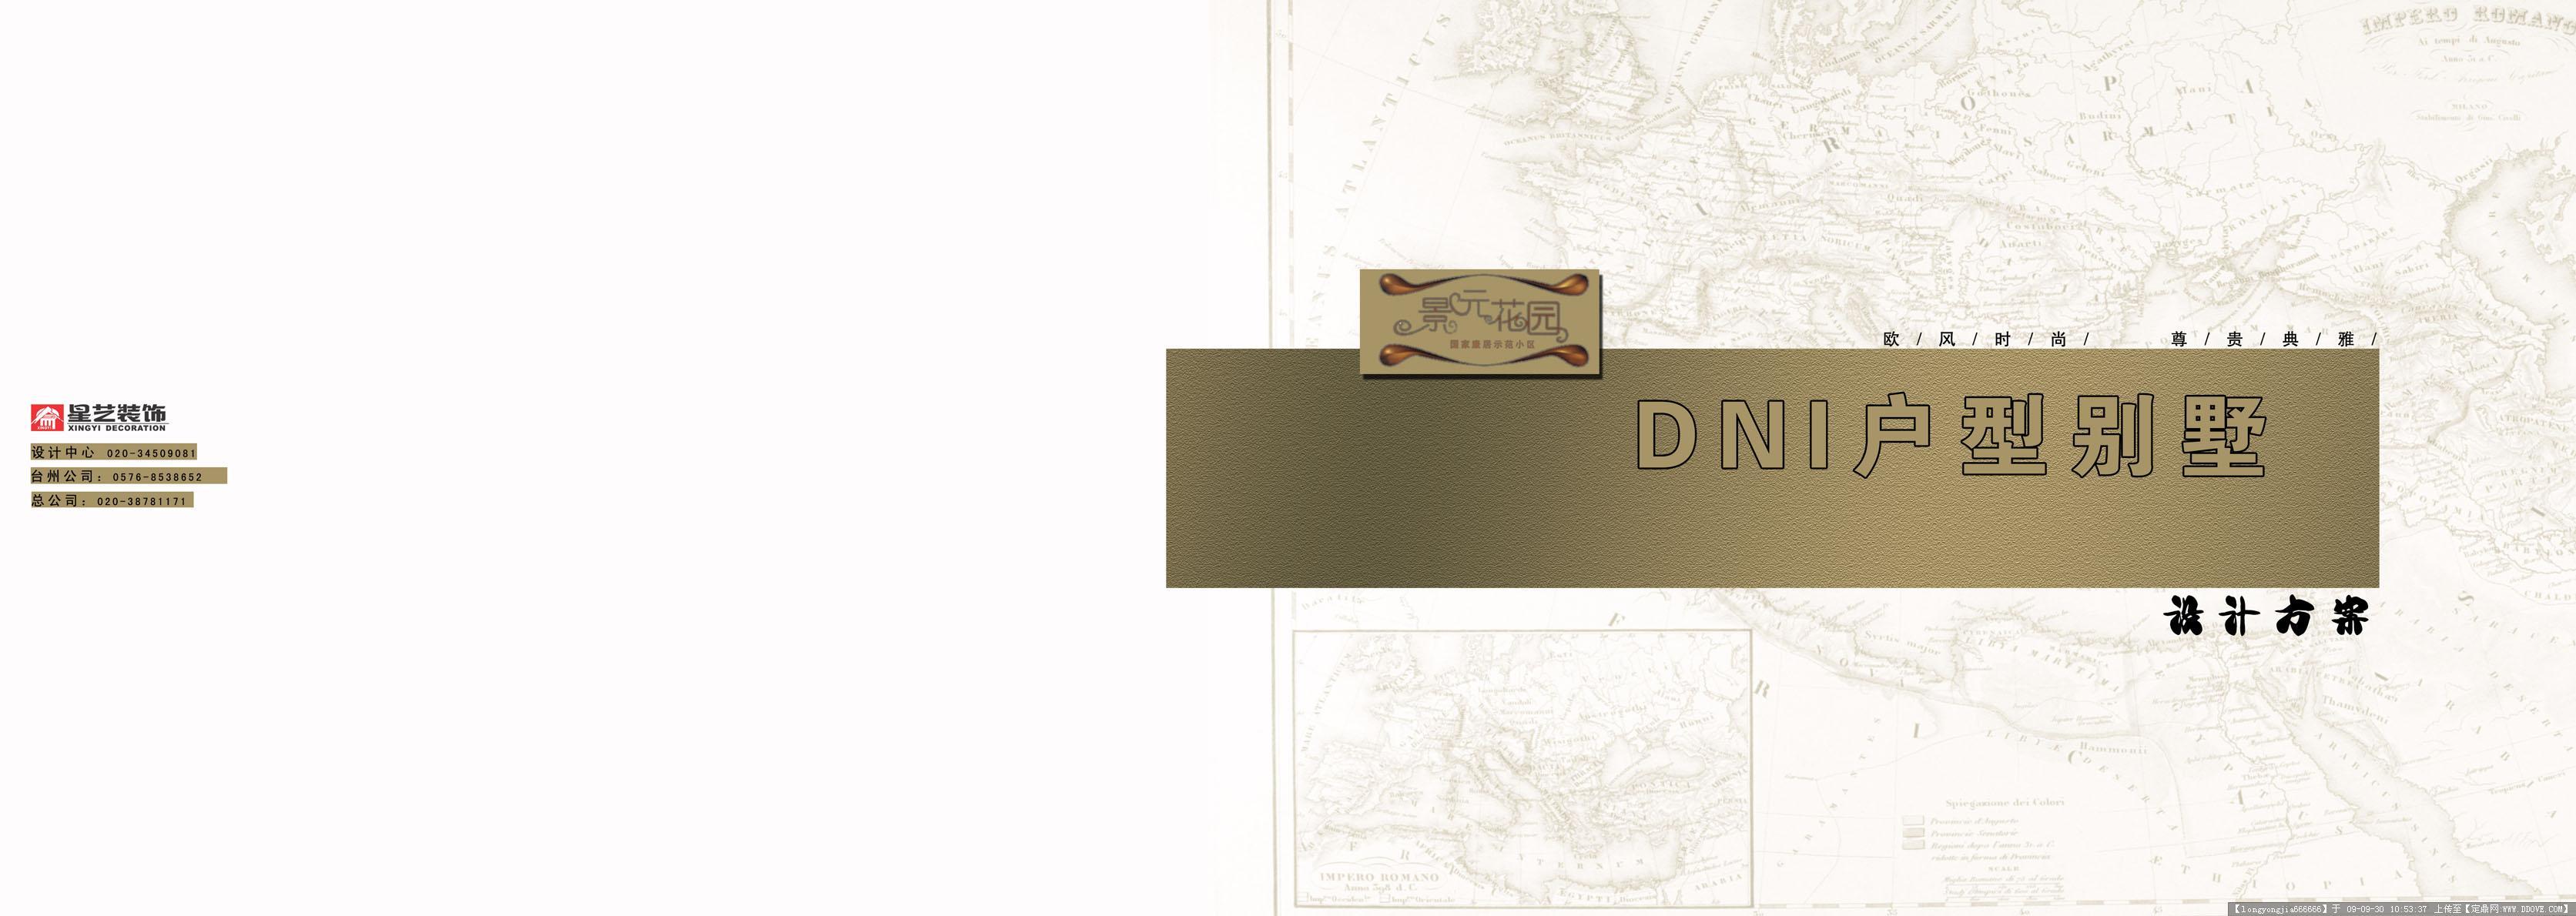 室内设计 封面图片下载分享; 室内方案设计封面图片分享; 室内模型